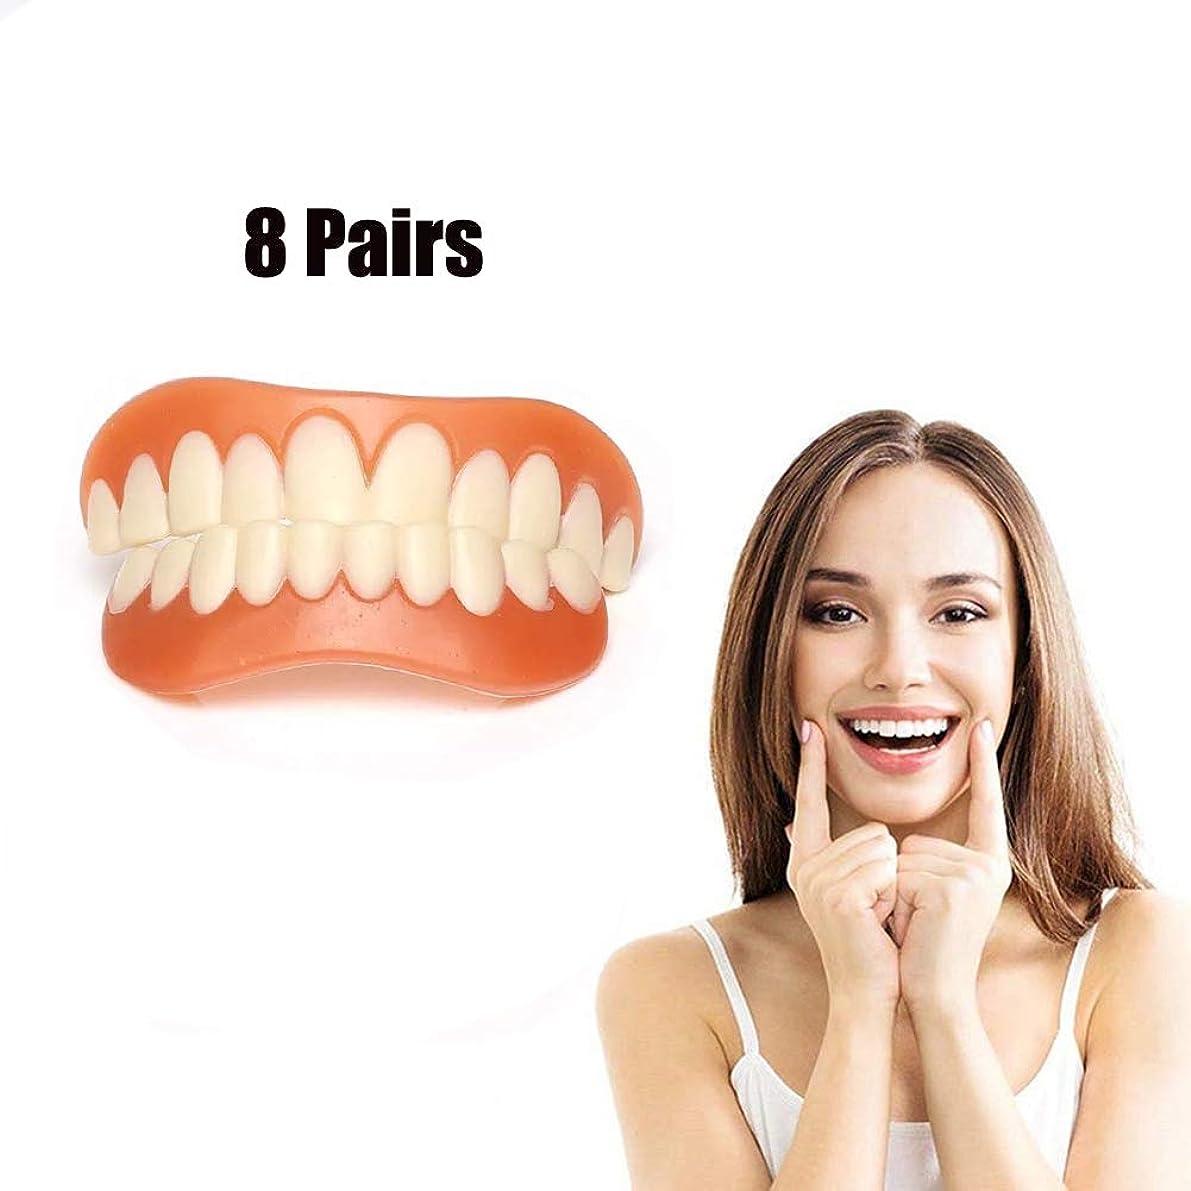 逸脱クレーター重要な8組安全なベニヤ歯、インスタント笑顔の快適さ修正義歯を白くする偽の歯 - ワンサイズフィット(下+上)